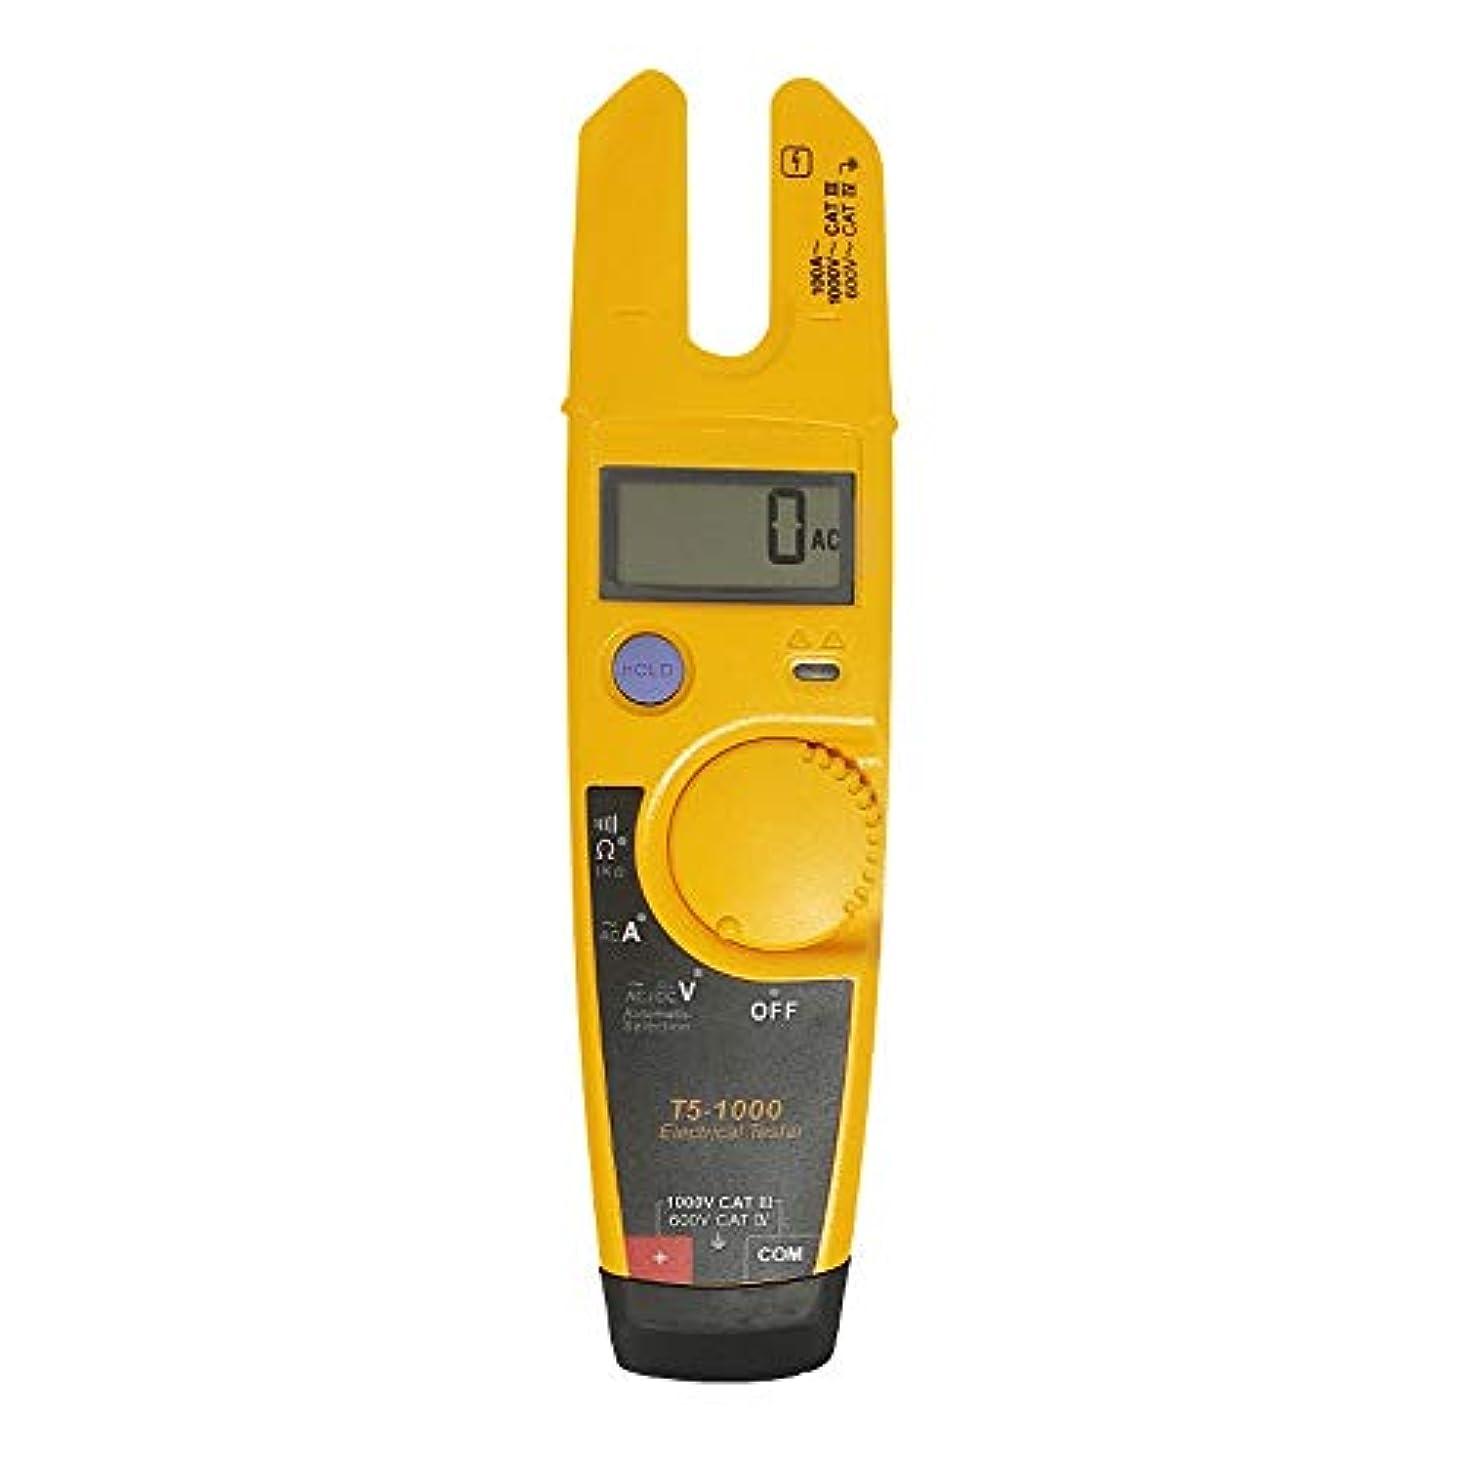 孤独プロペラ買い物に行くTDHHY Labloot ソフトケース付き T5-600 クランプメーター 電圧 連続電流 クランプメーター